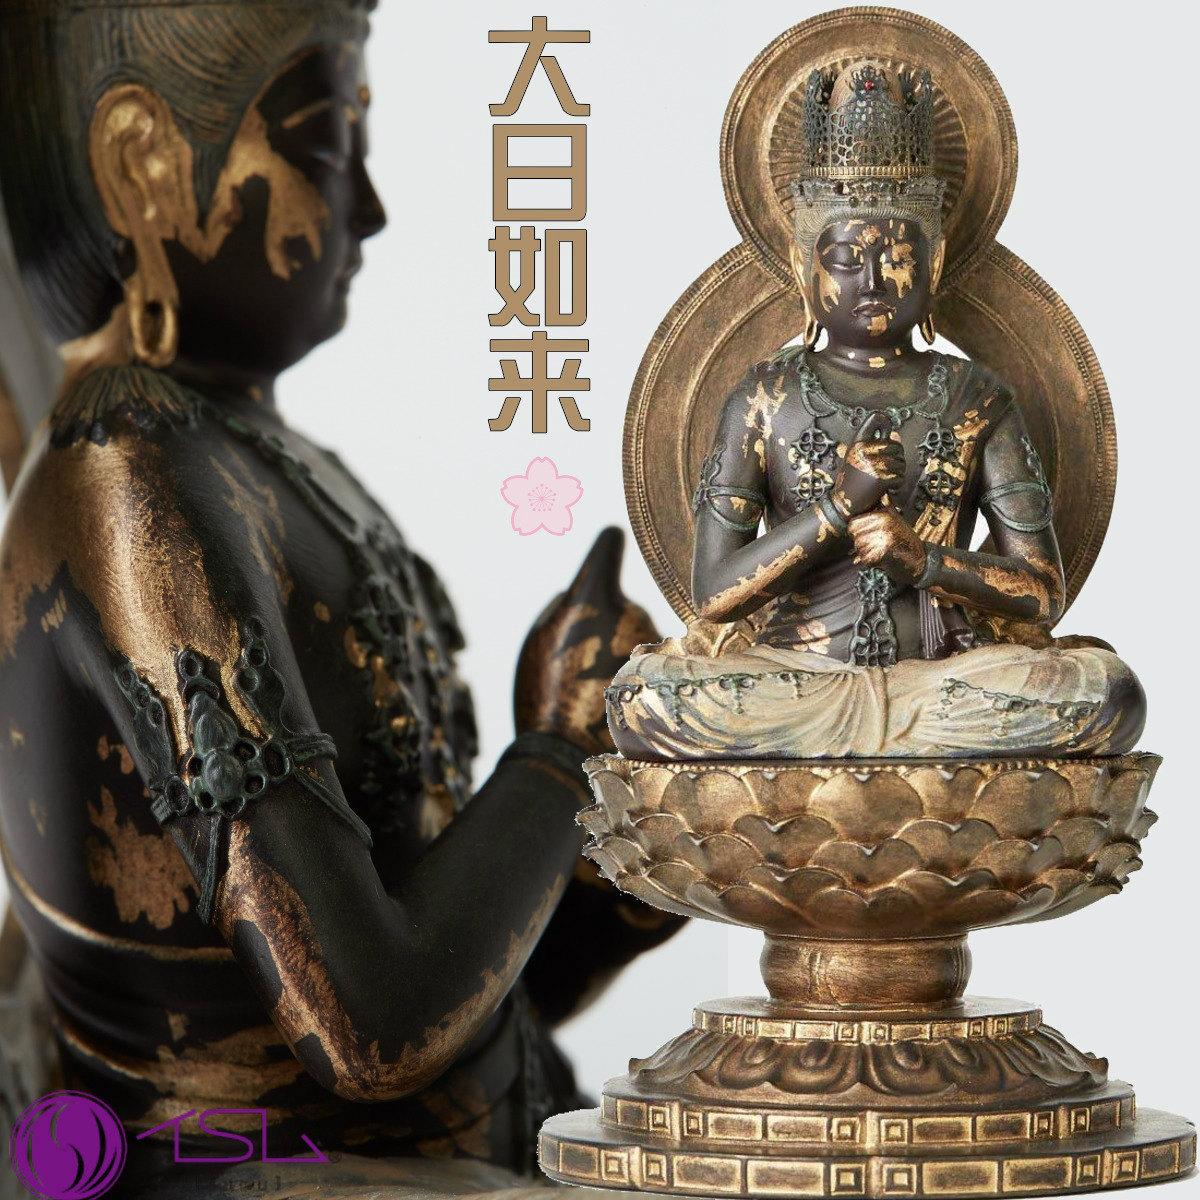 大日如来 | だいにちにょらい | 約154(H)×86(W)×86(D)mm 400g | イスム TanaCOCORO 掌 | 仏像 | イSム